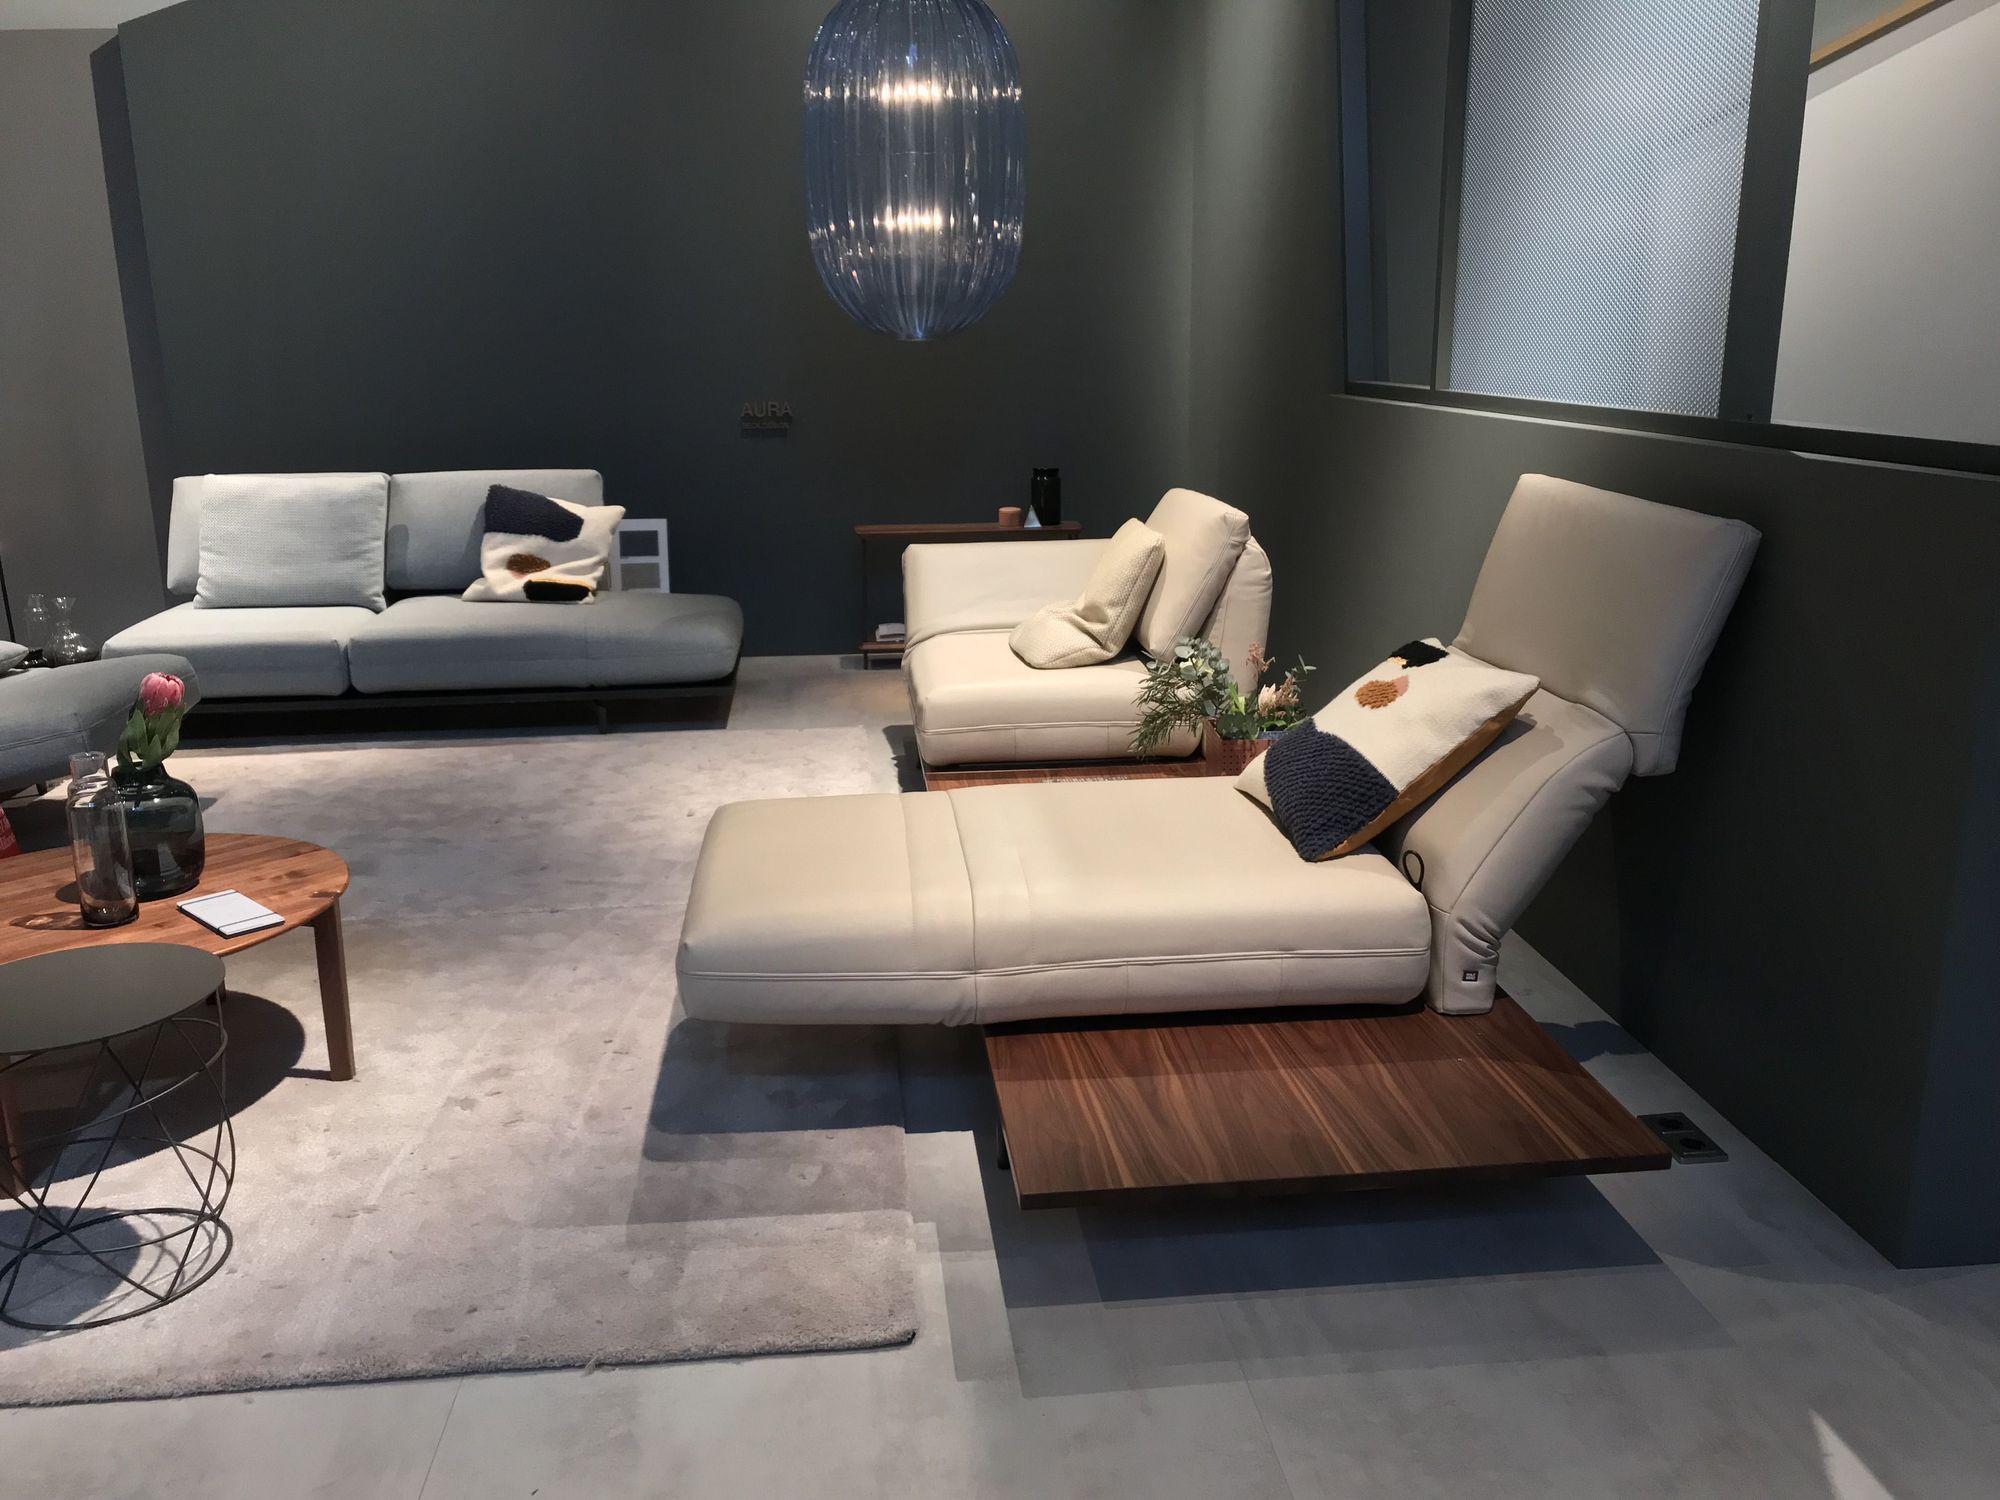 Rolf Benz AURA Sofa mit Drehsitzen in Leder auf Plattform